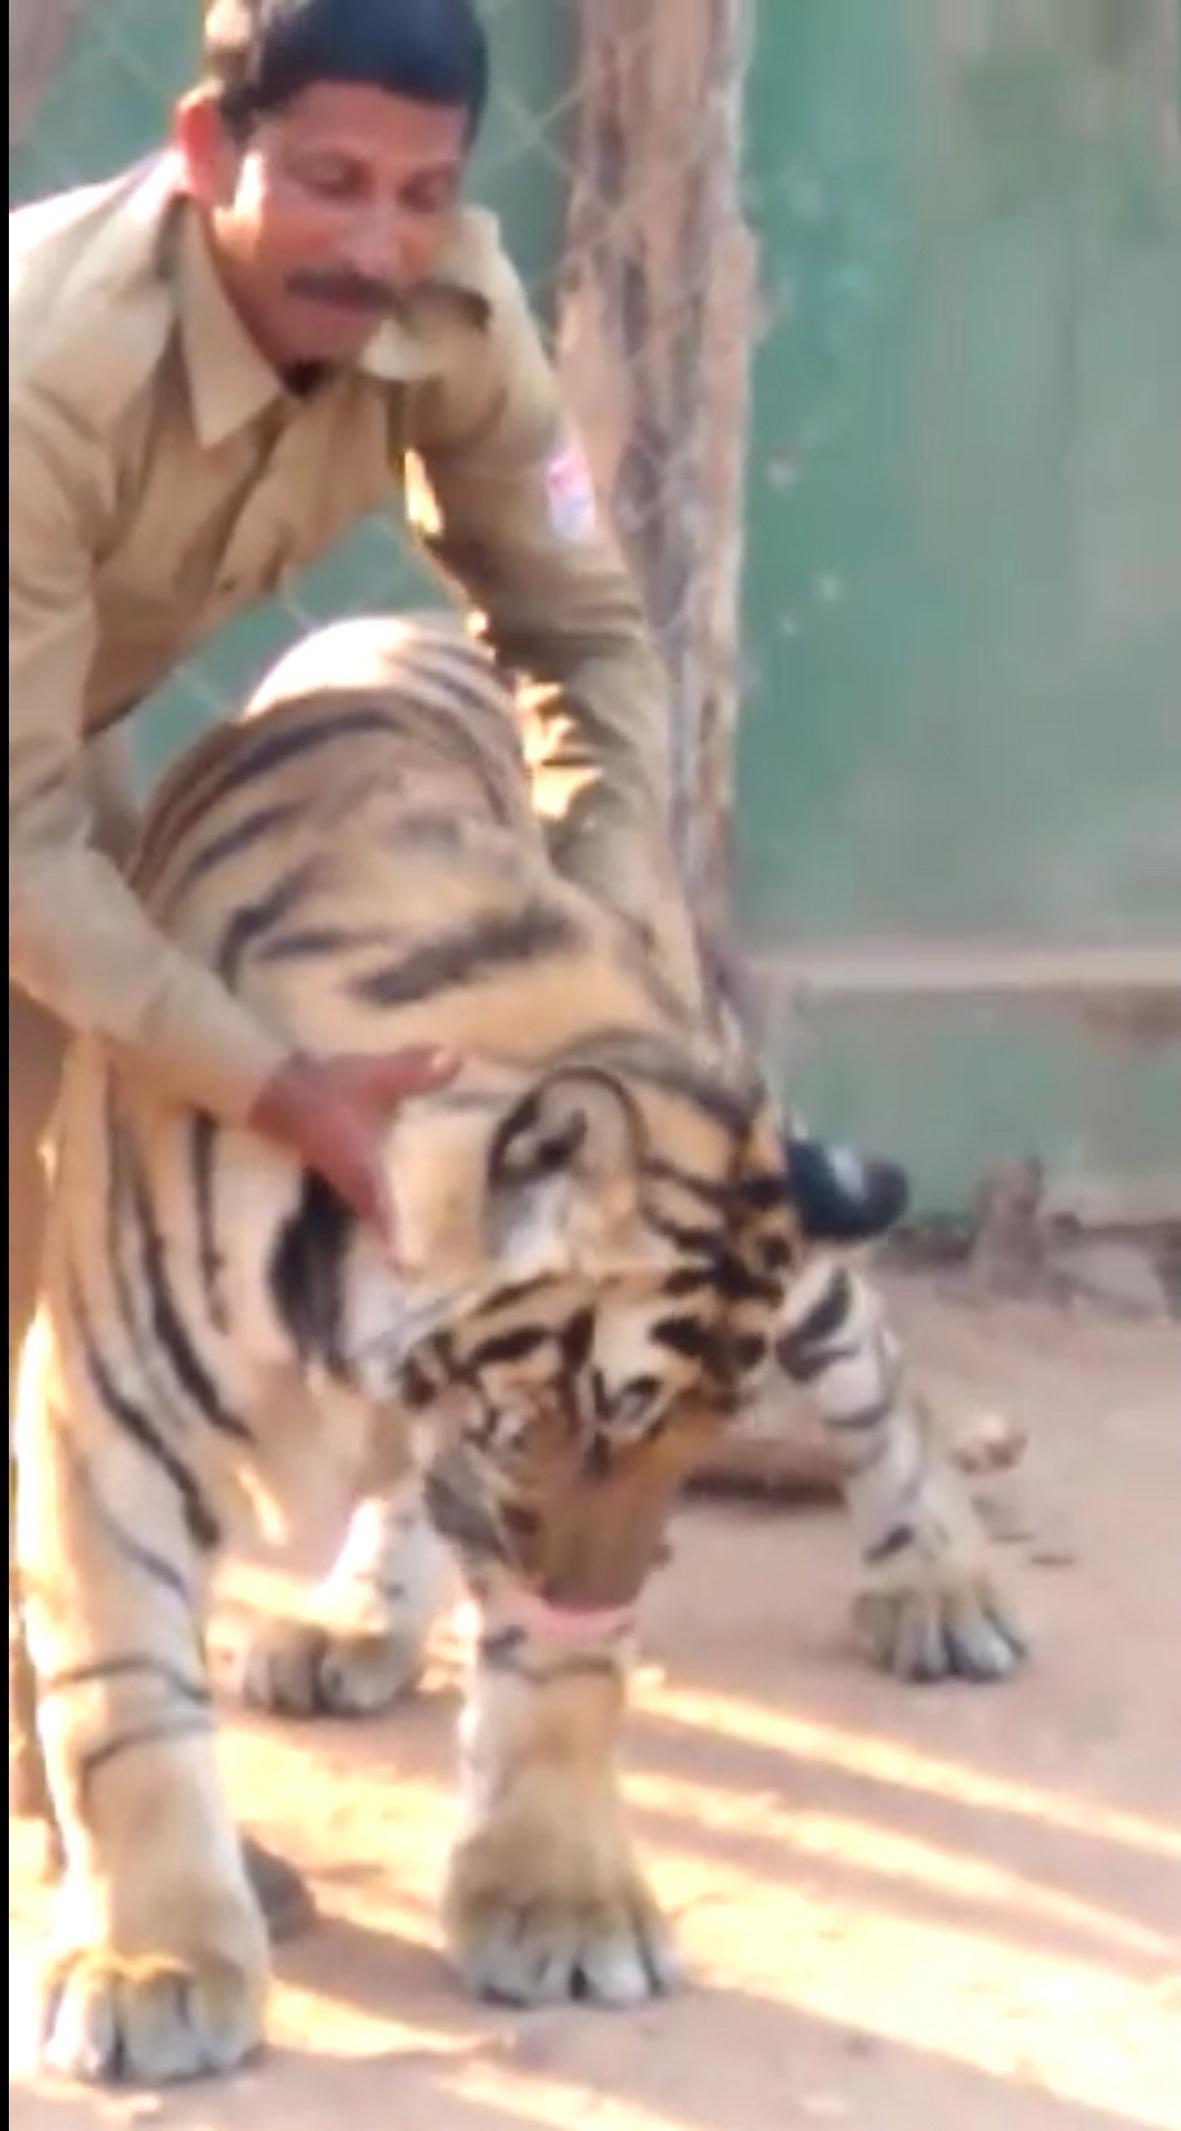 बेटे की तरह नर बाघ का लालन-पालन कर रहे मामू